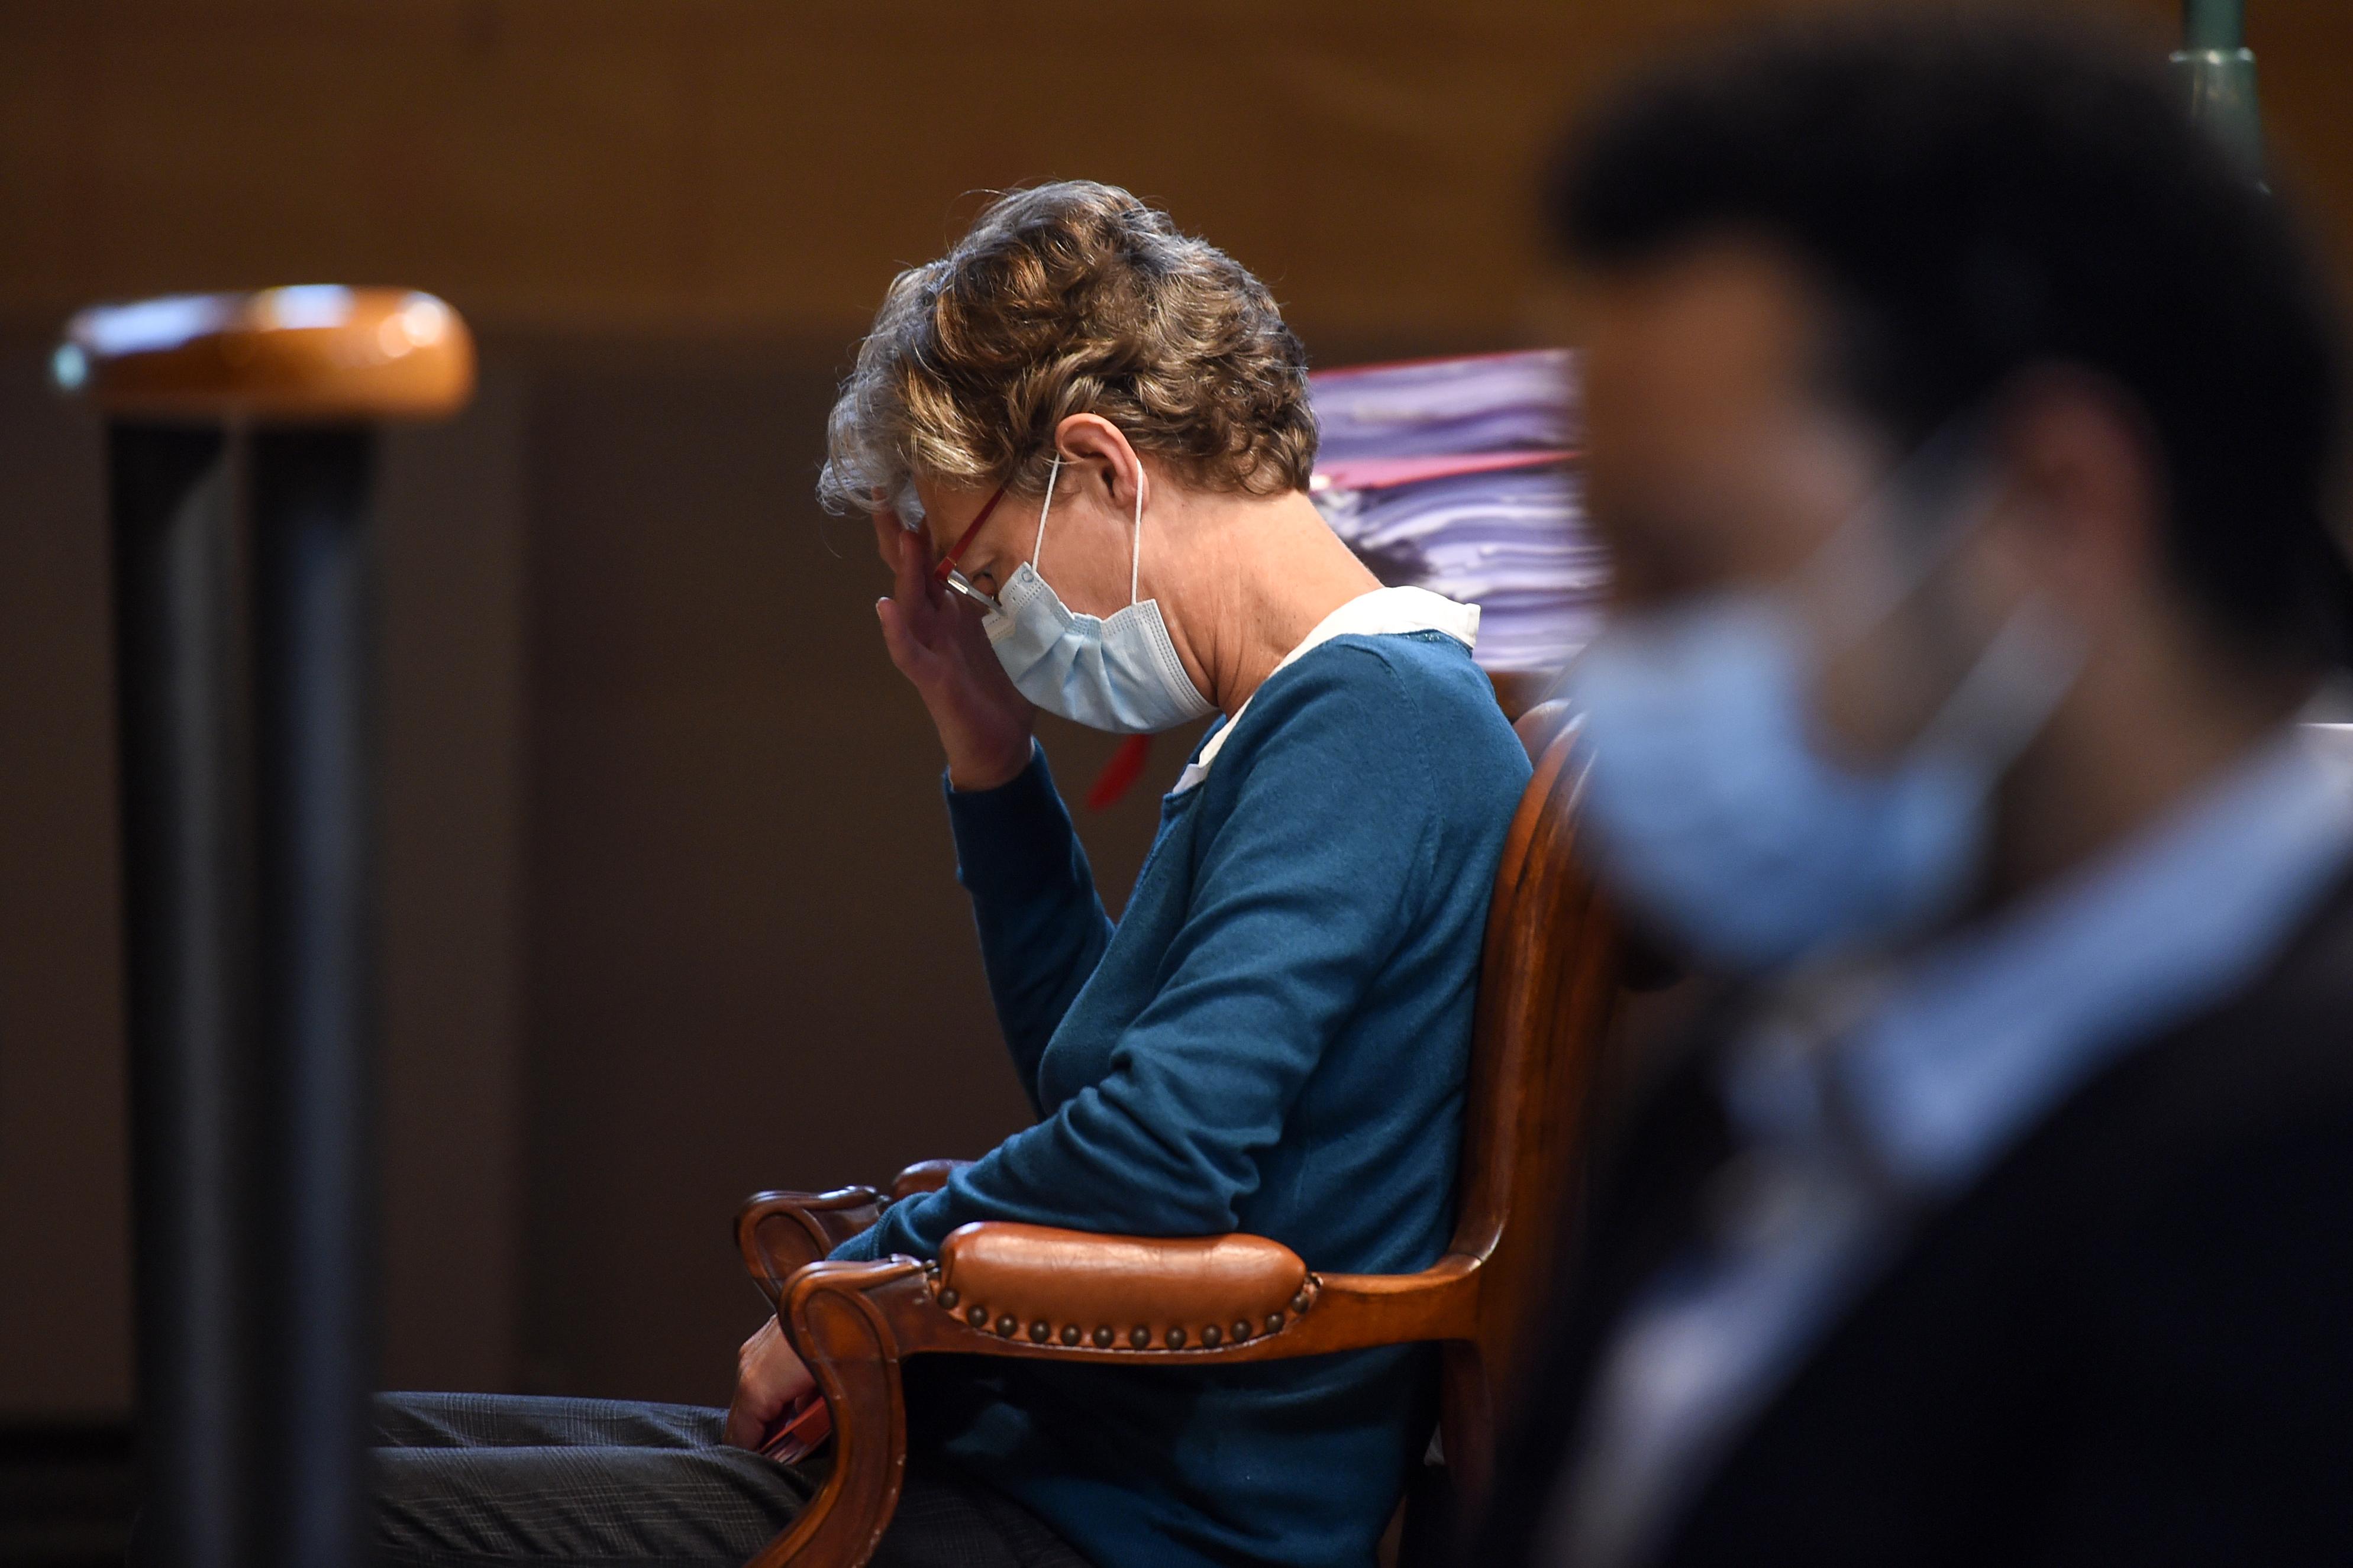 Részegen végzetes hibát vétett egy műtét során a belga orvos, három év börtönt kapott